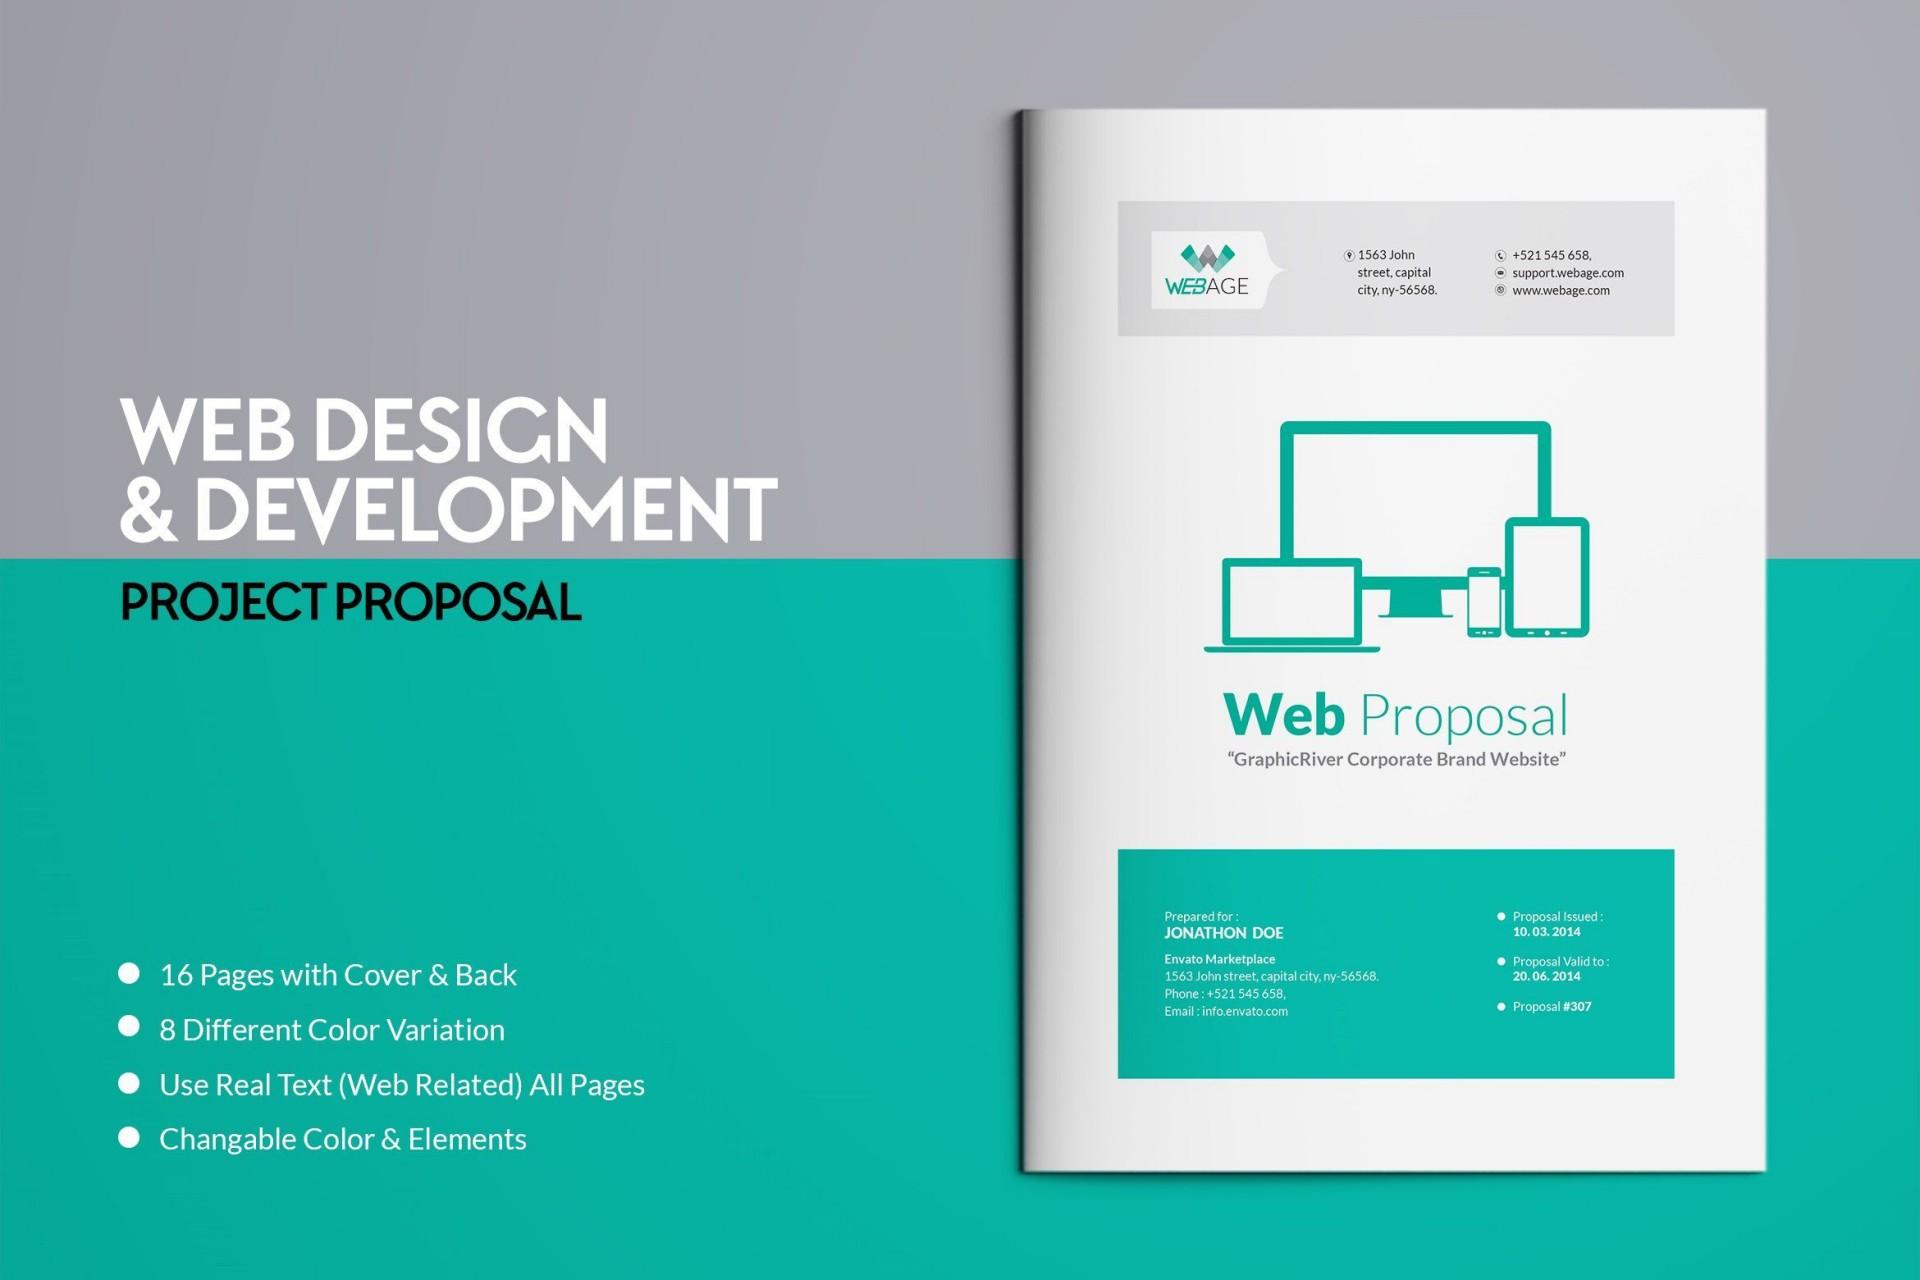 000 Astounding Website Development Proposal Template Free High Resolution  Word1920